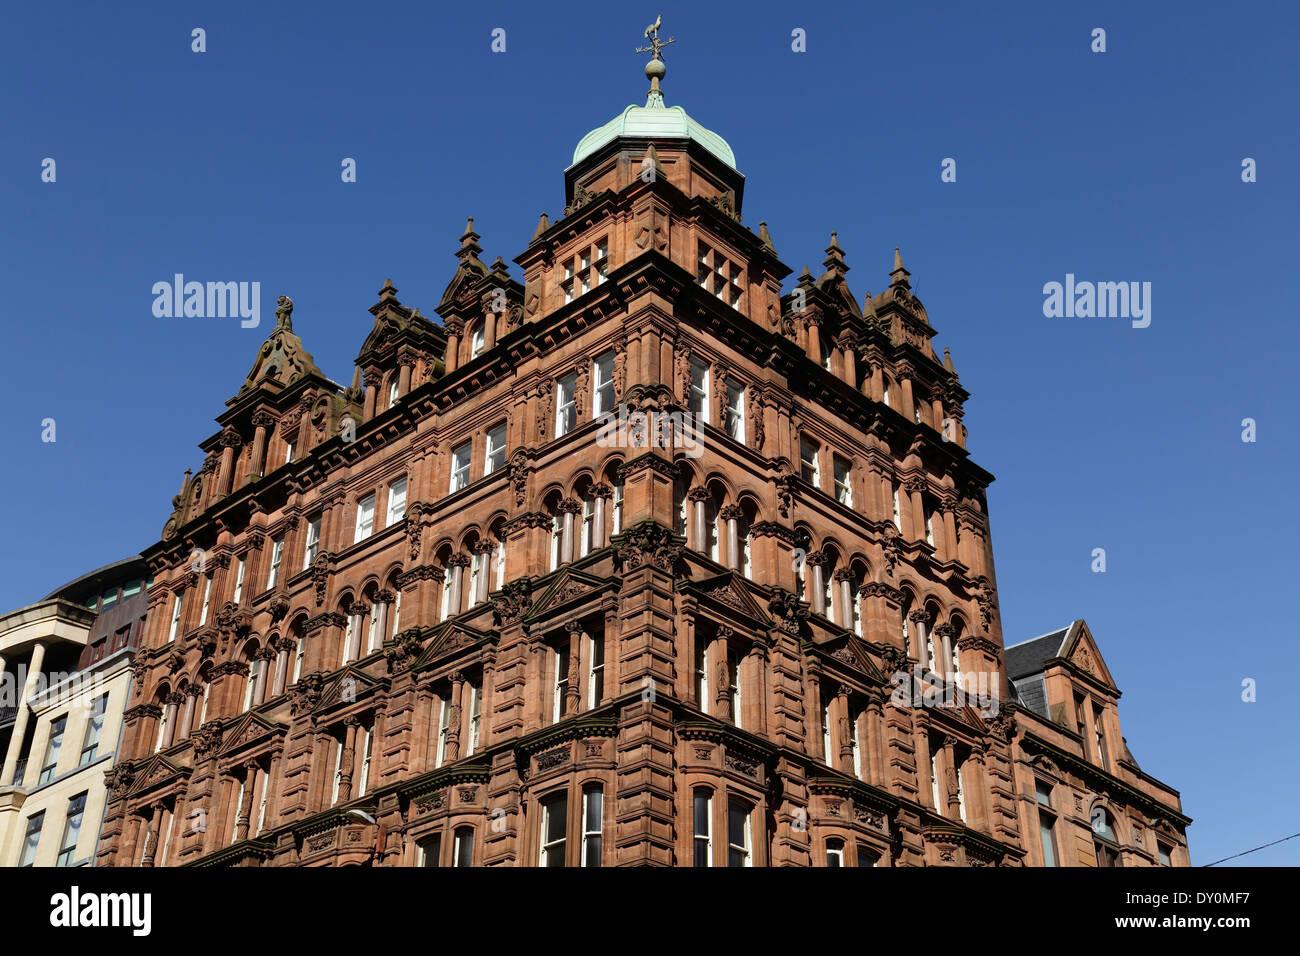 Connal edificio de arenisca roja en el cruce de West George Street y Dundas Street en el centro de la ciudad de Glasgow, Escocia, Reino Unido Imagen De Stock